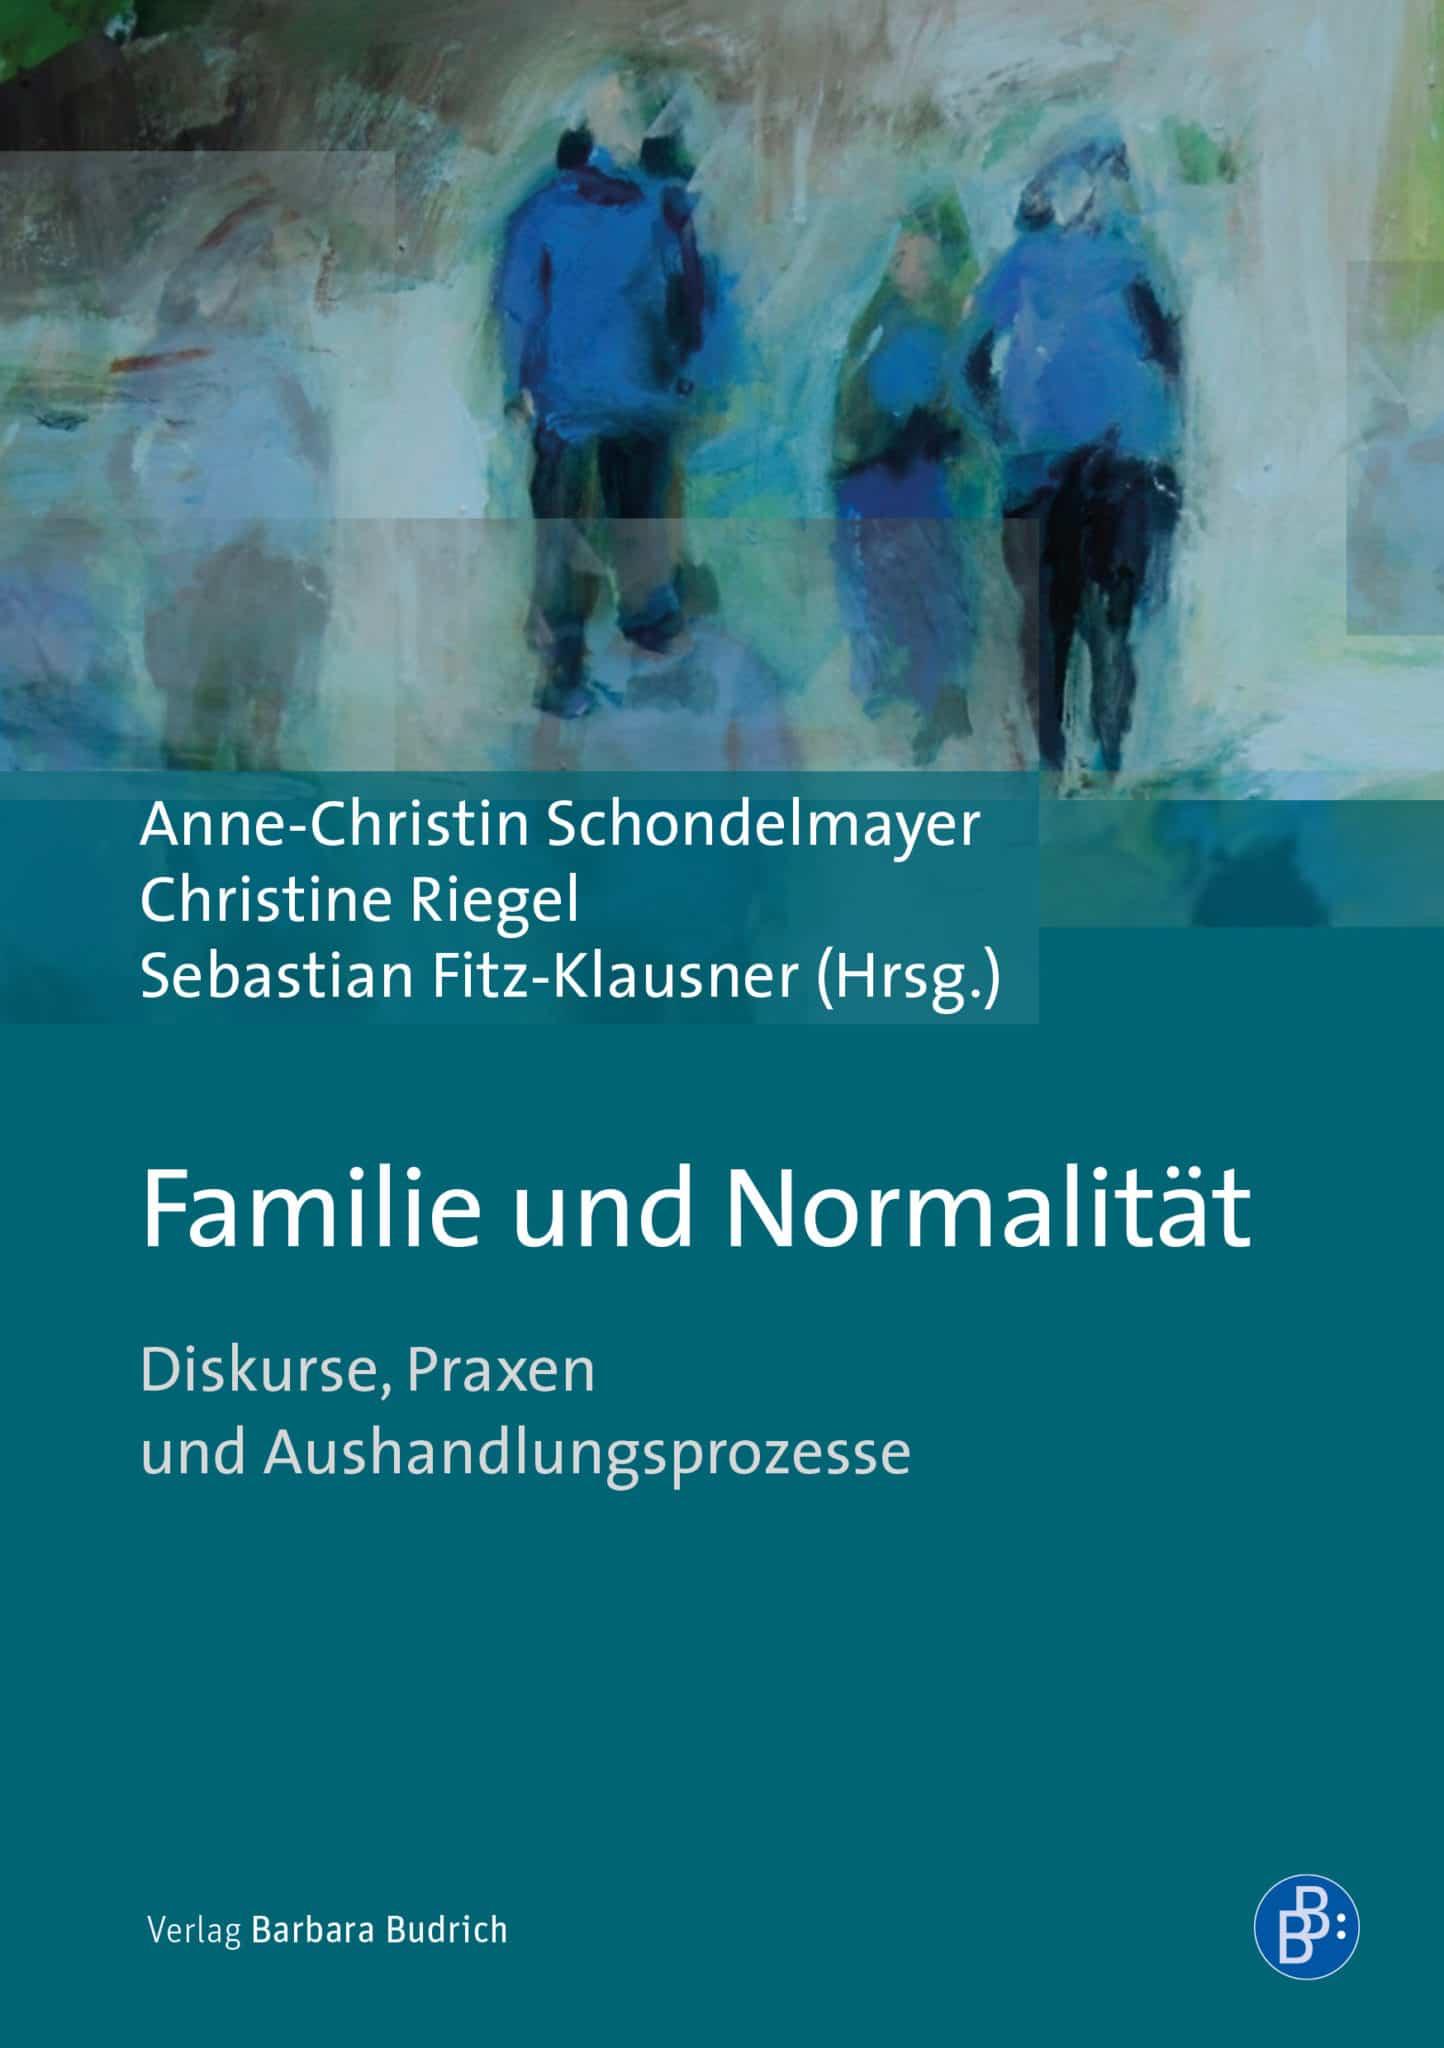 Schondelmayer u.a. (Hrsg.): Familie und Normalität. Diskurse, Praxen und Aushandlungsprozesse. Verlag Barbara Budrich. ED. 14.12.2020